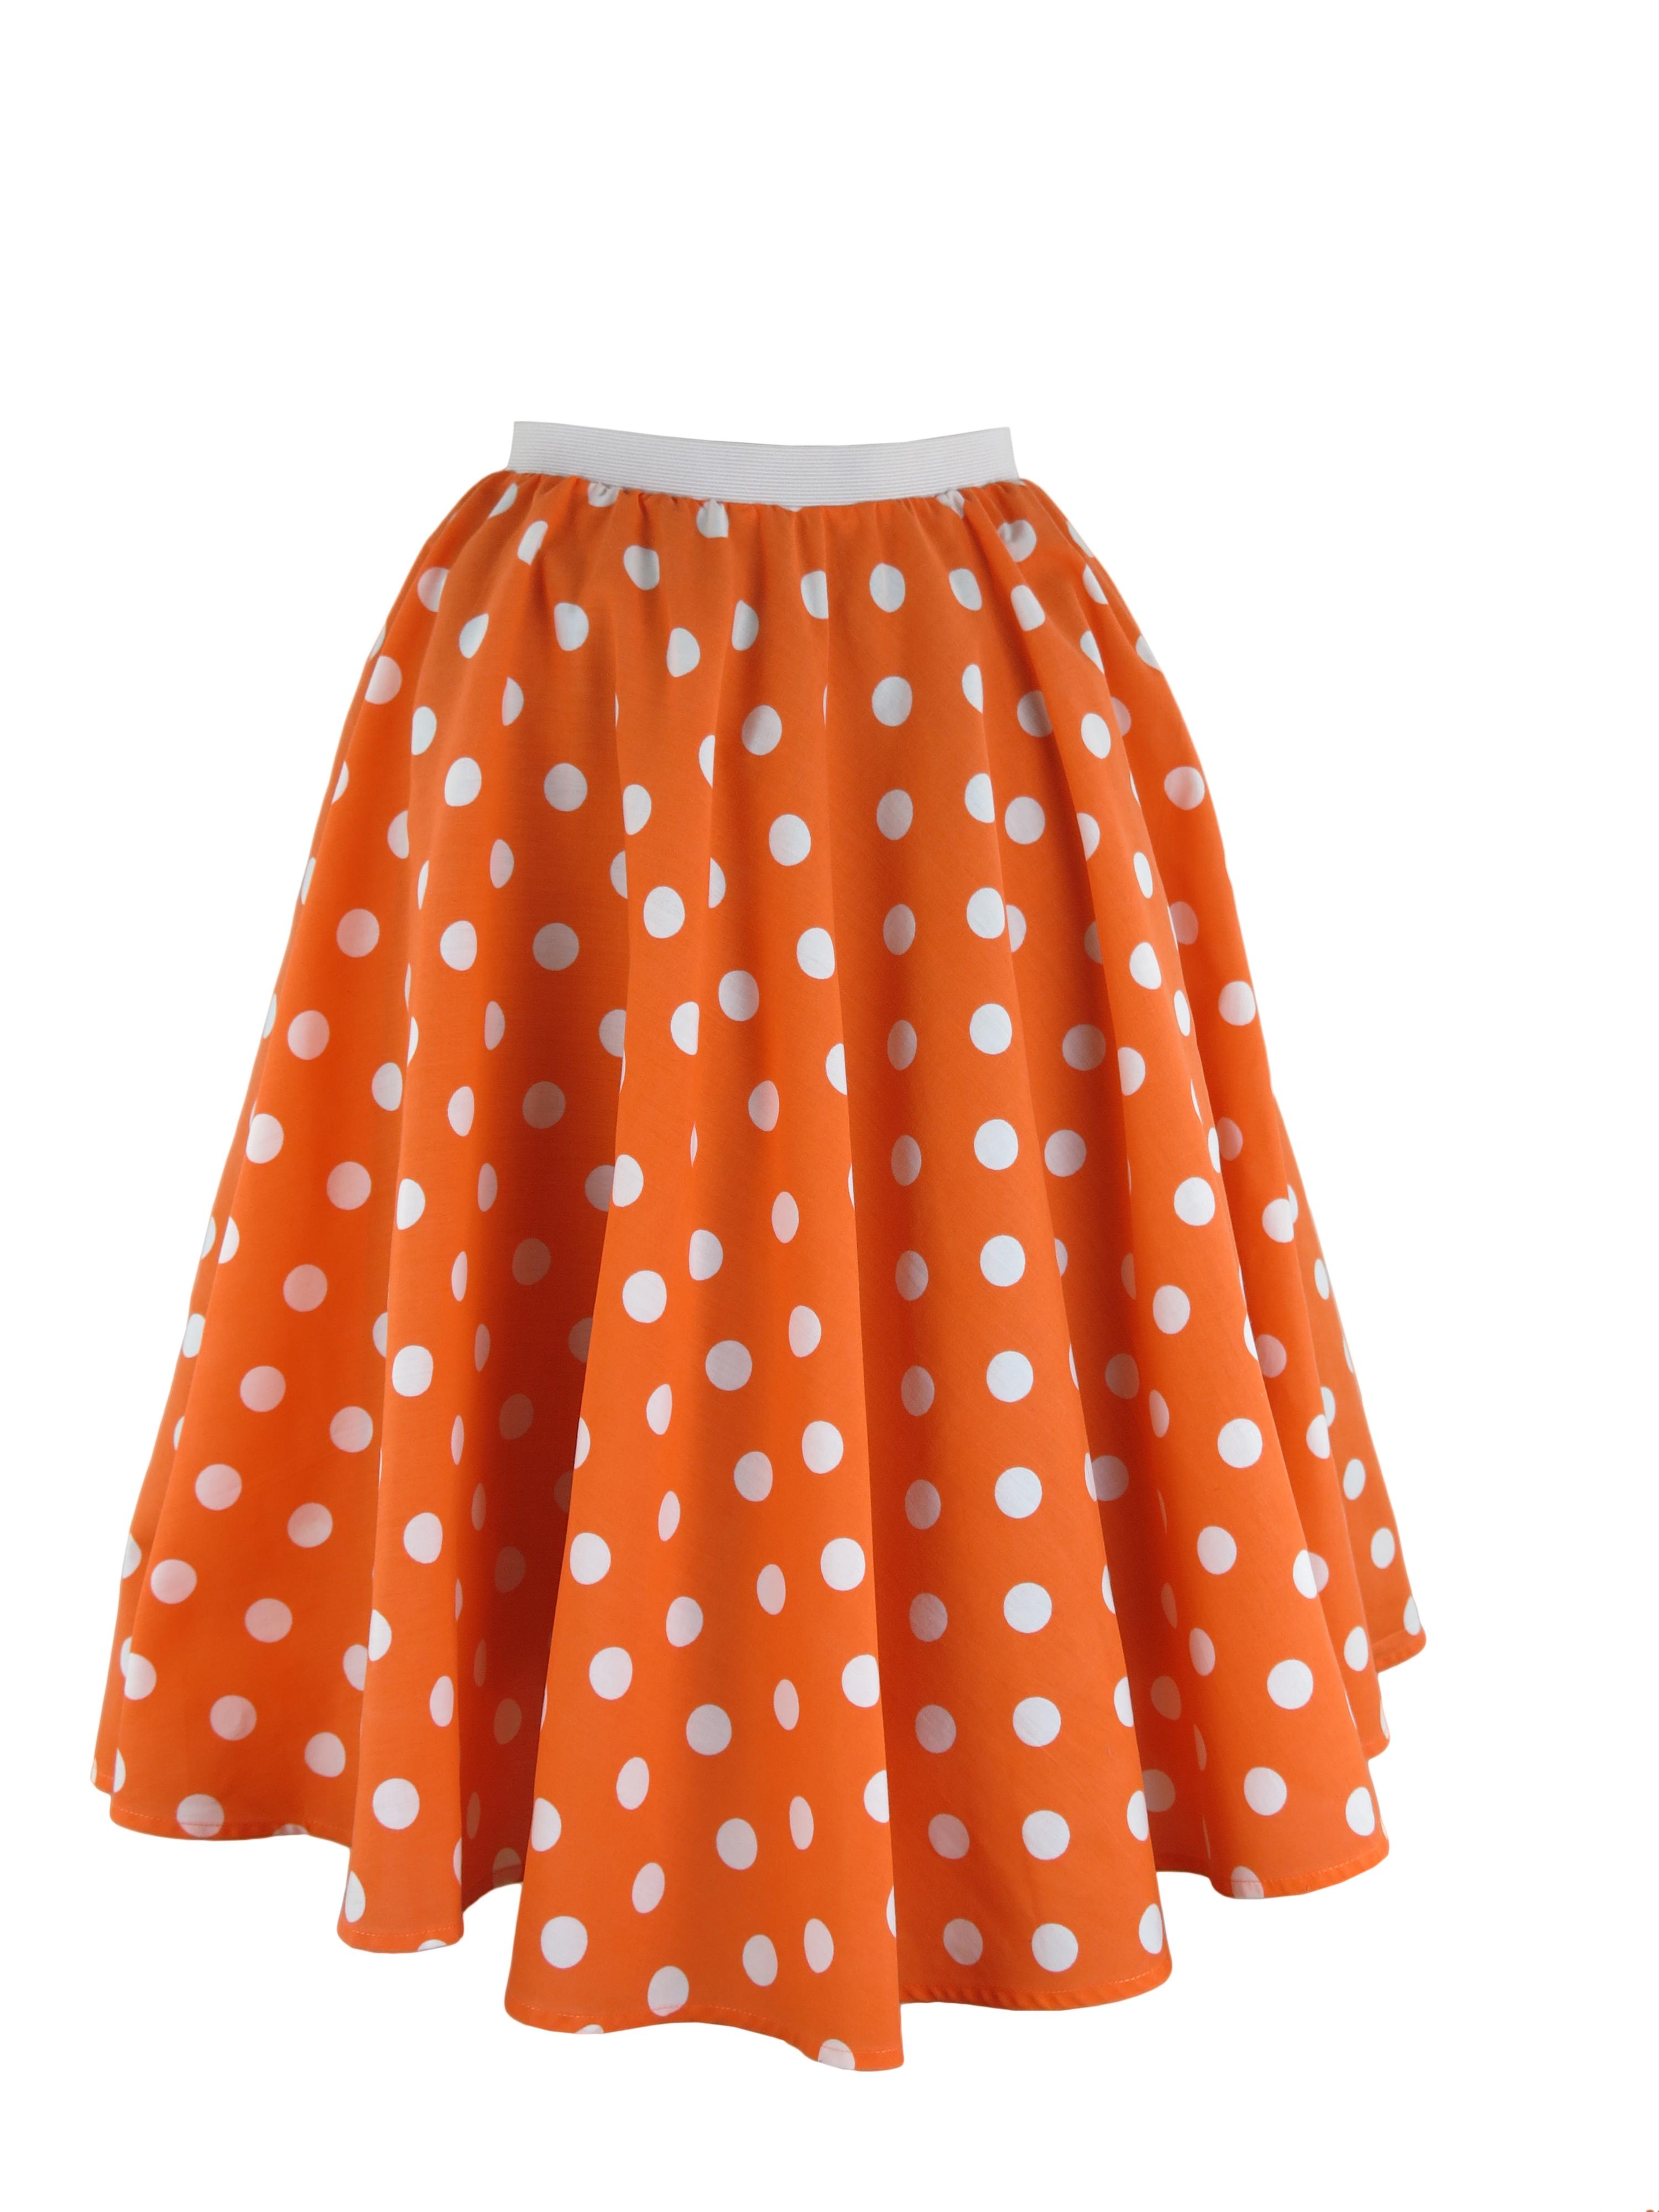 5ba7709ef1853 Ladies Polka Dot Skirt   Scarf Rock   Roll Fancy Dress